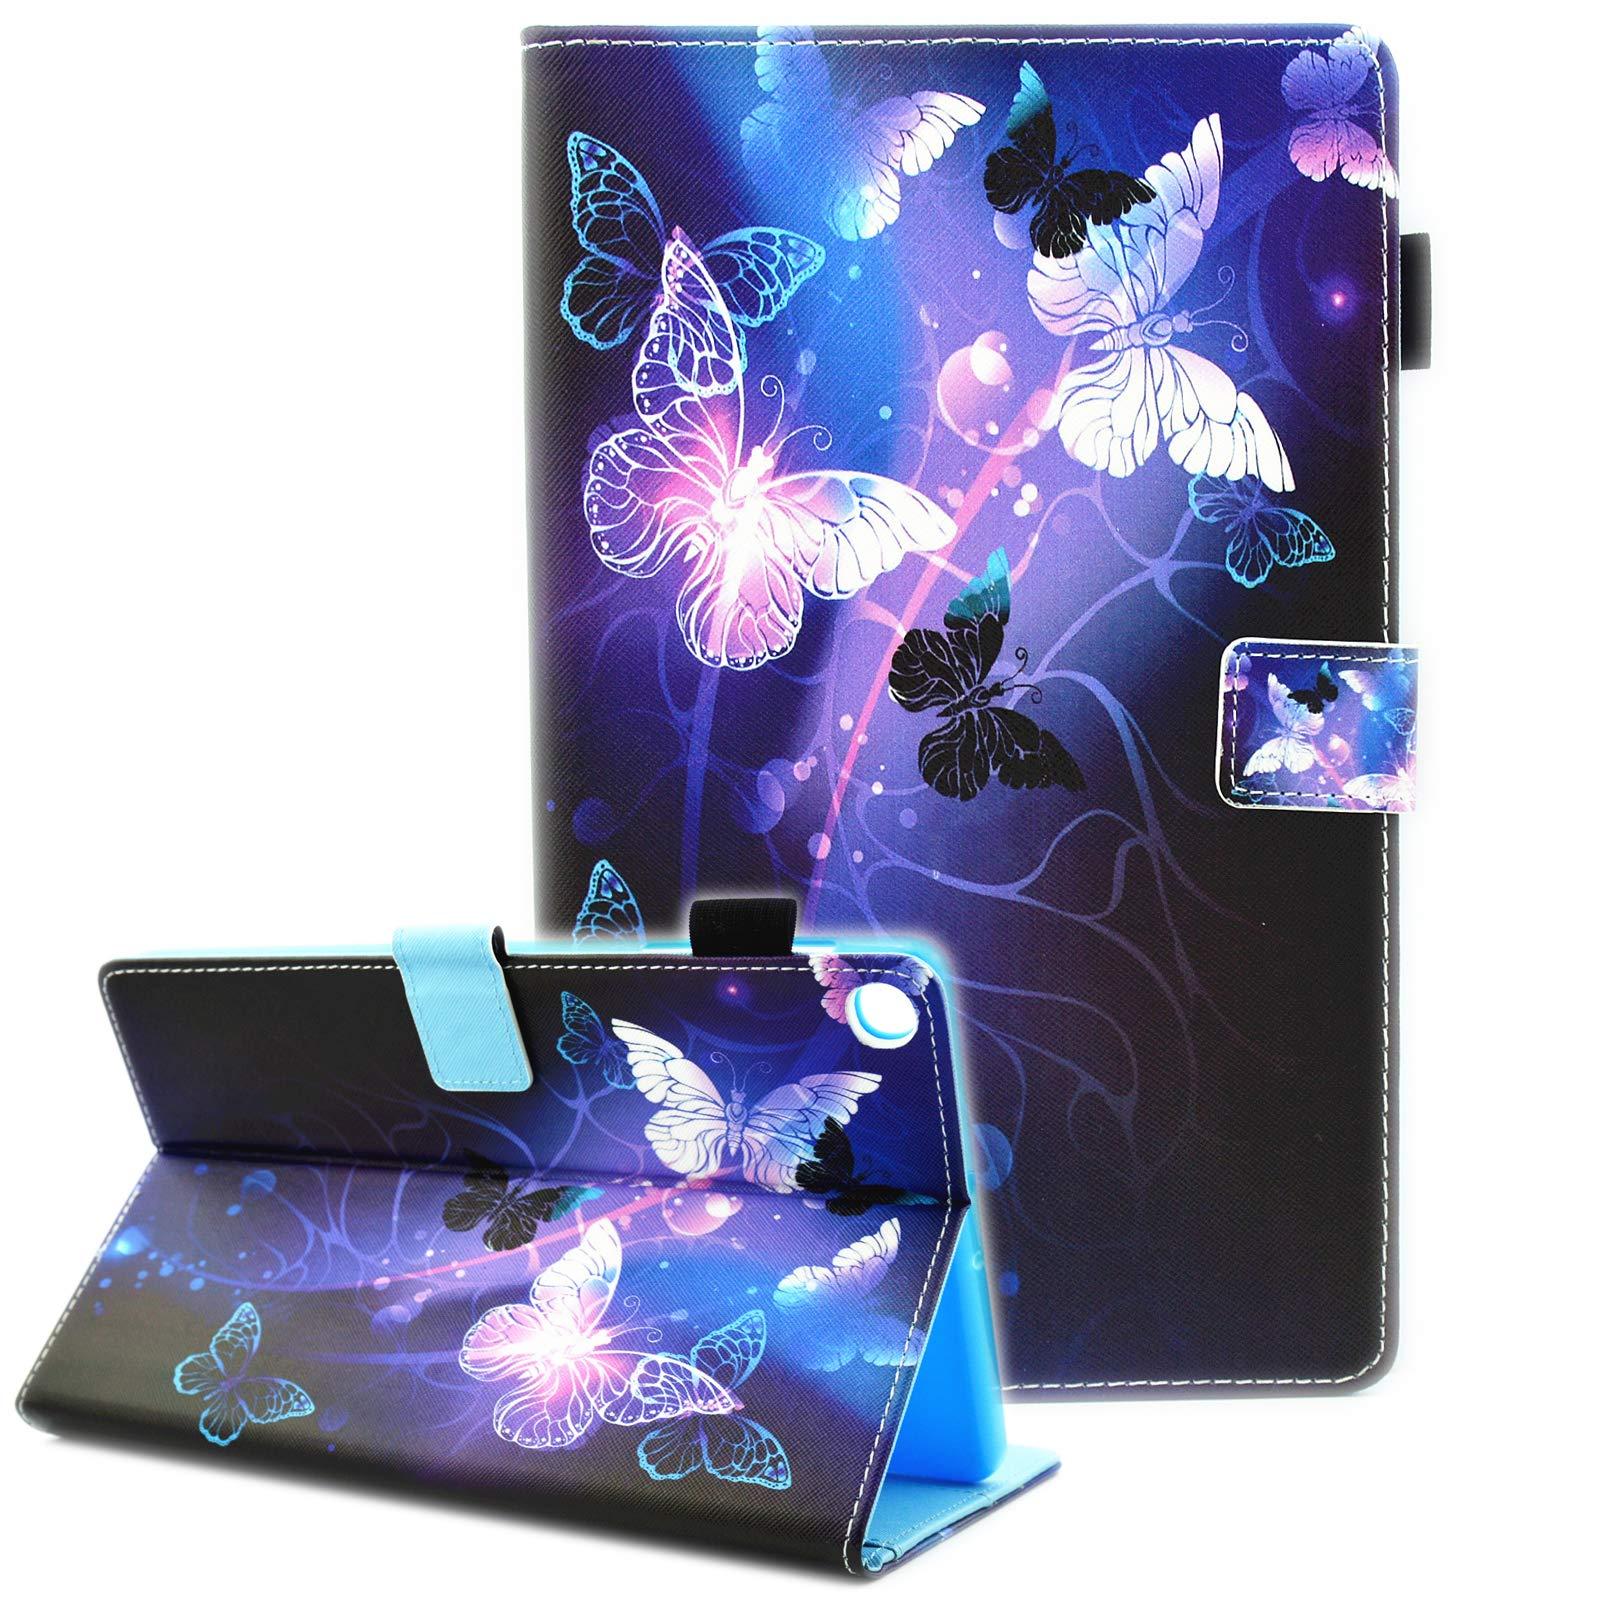 Funda Samsung Galaxy Tab A 10.1 SM-T510 (2019) FVIMI [7THWHC8W]